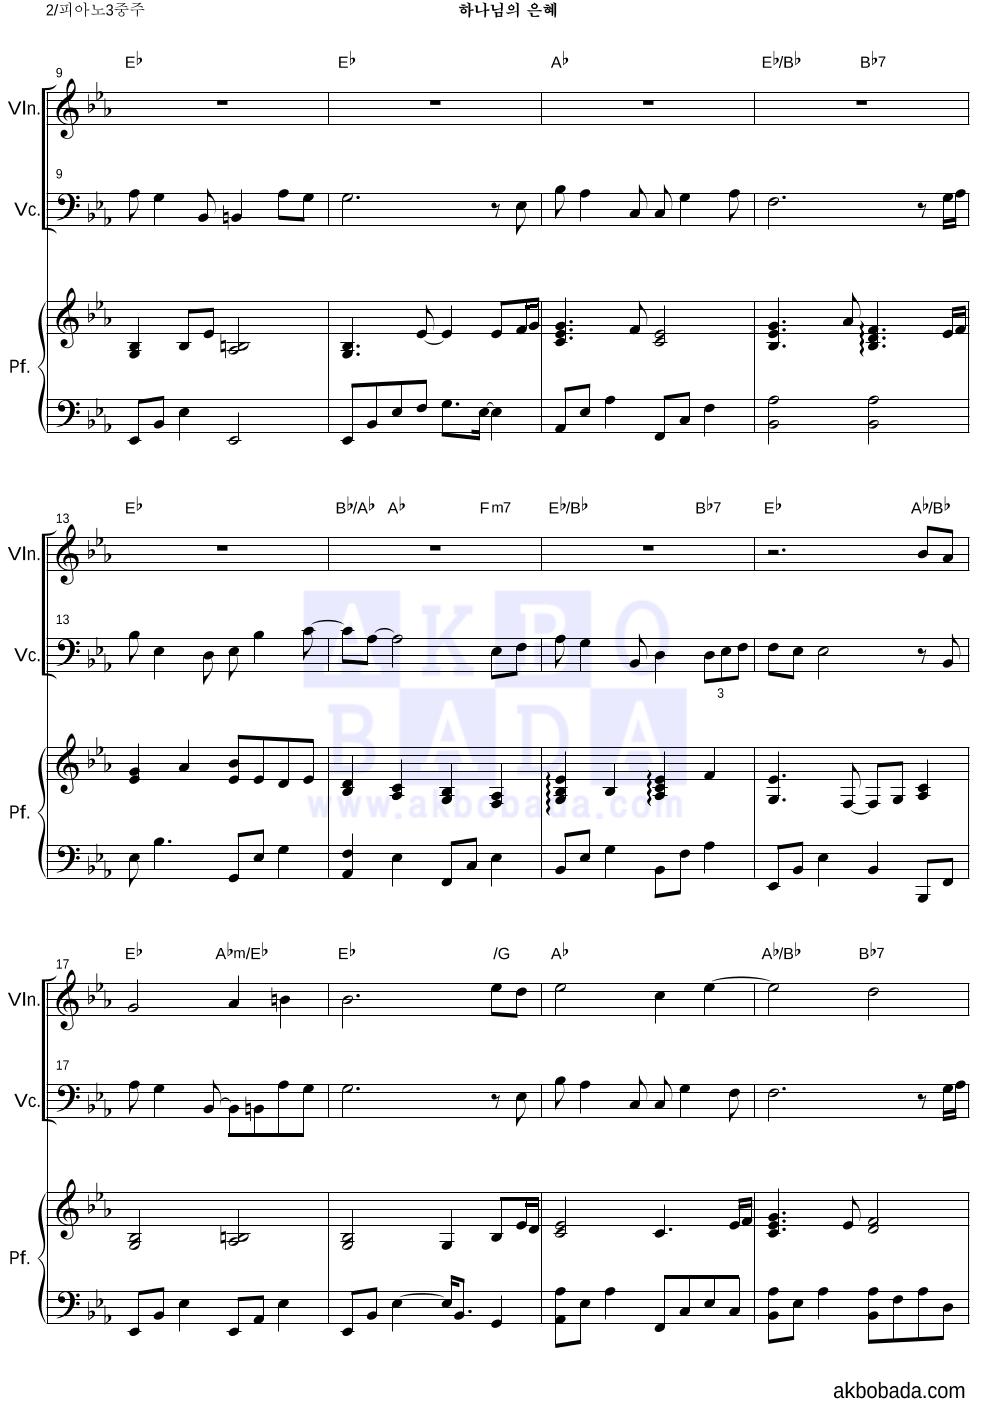 박종호 - 하나님의 은혜 피아노3중주 악보